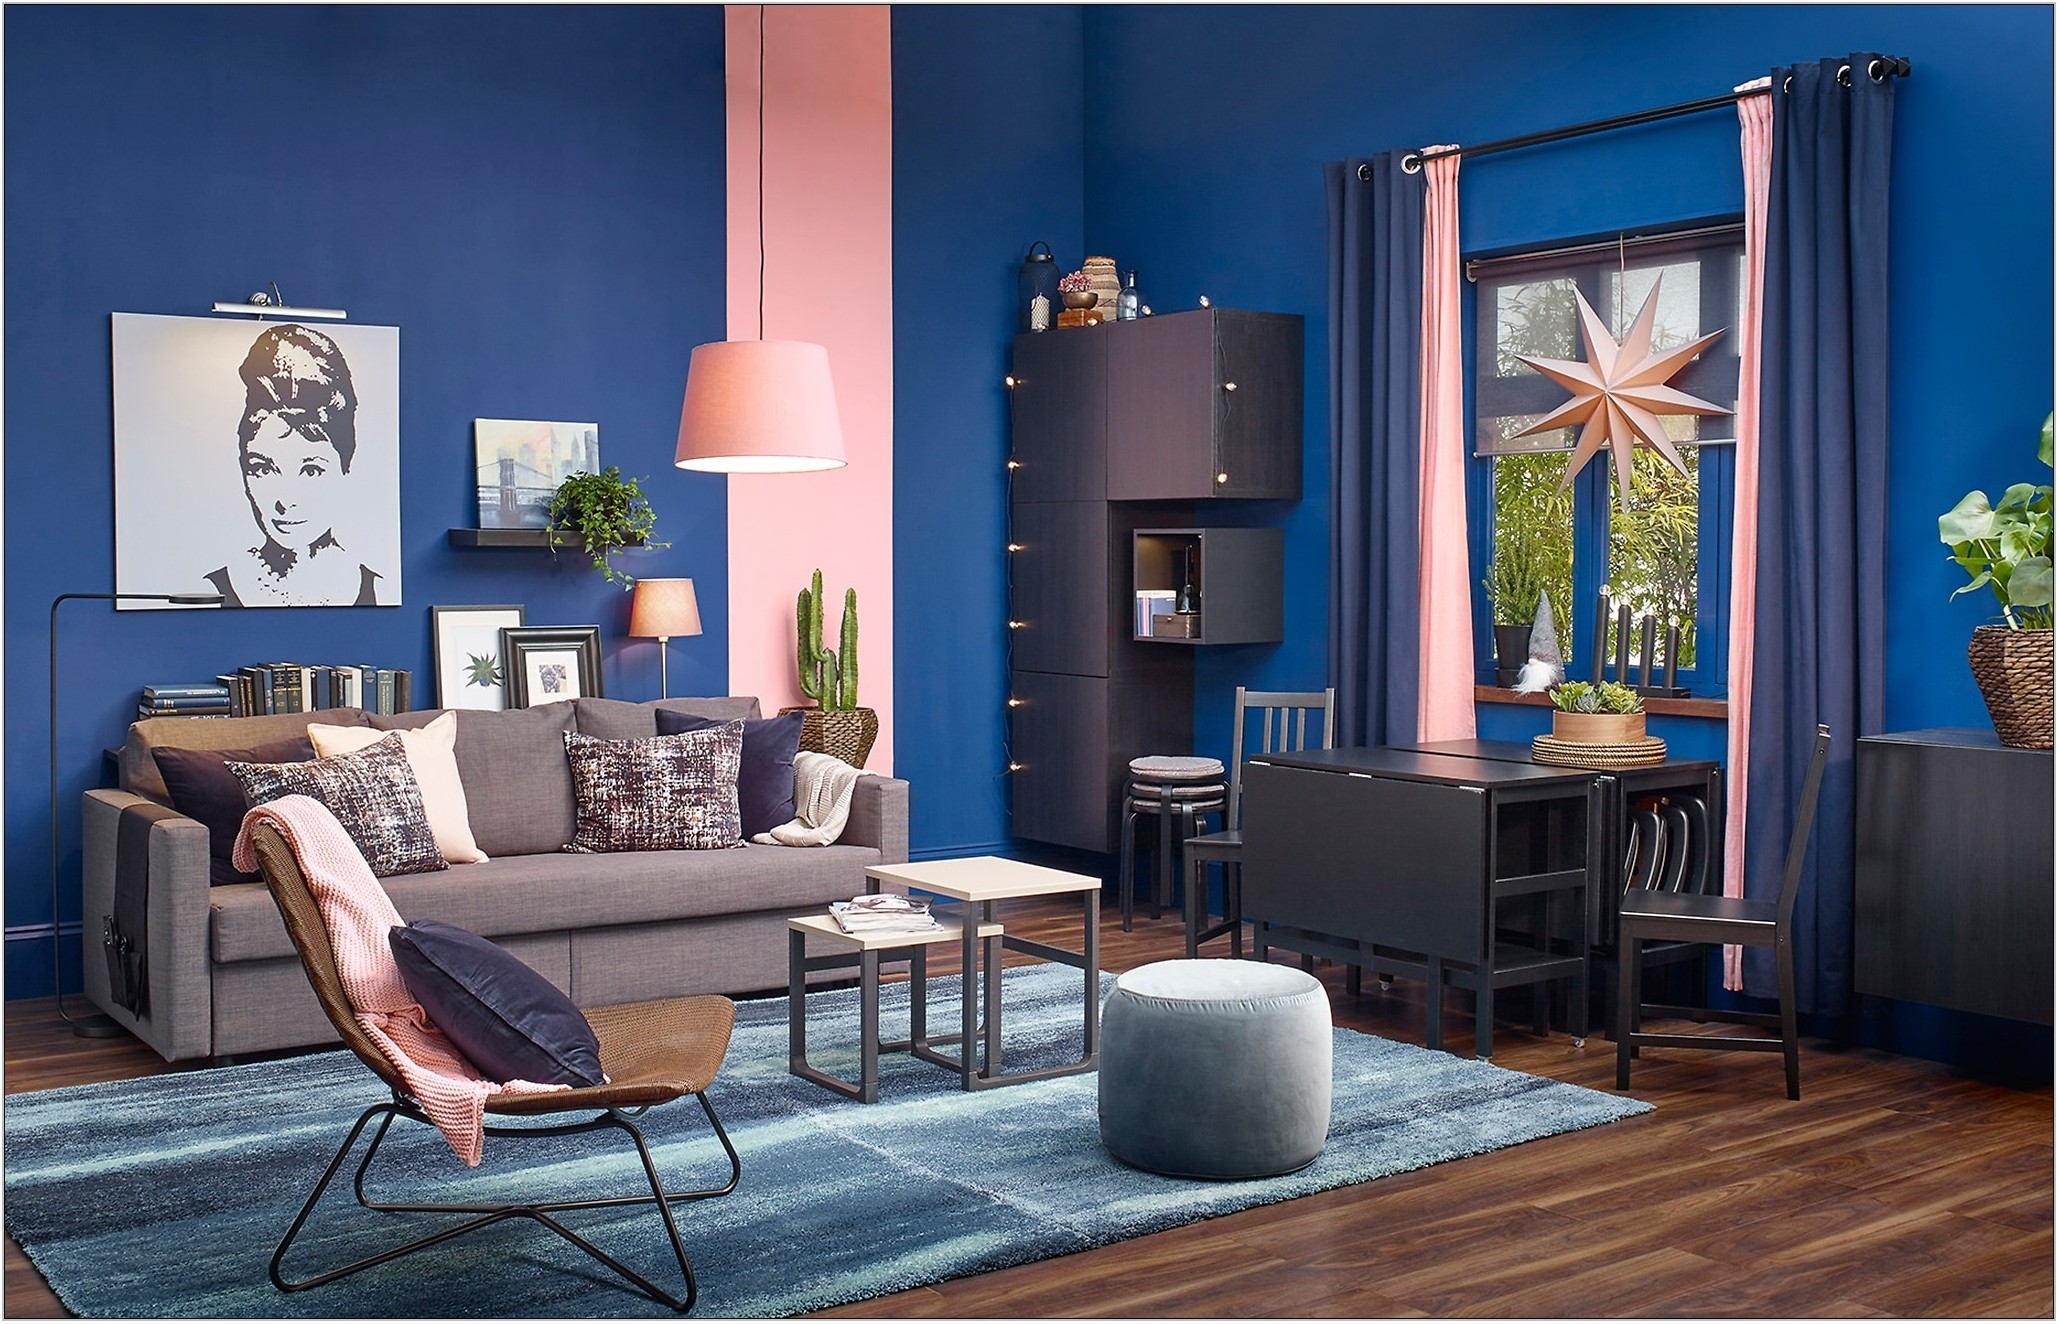 Ikea Living Room On A Budget